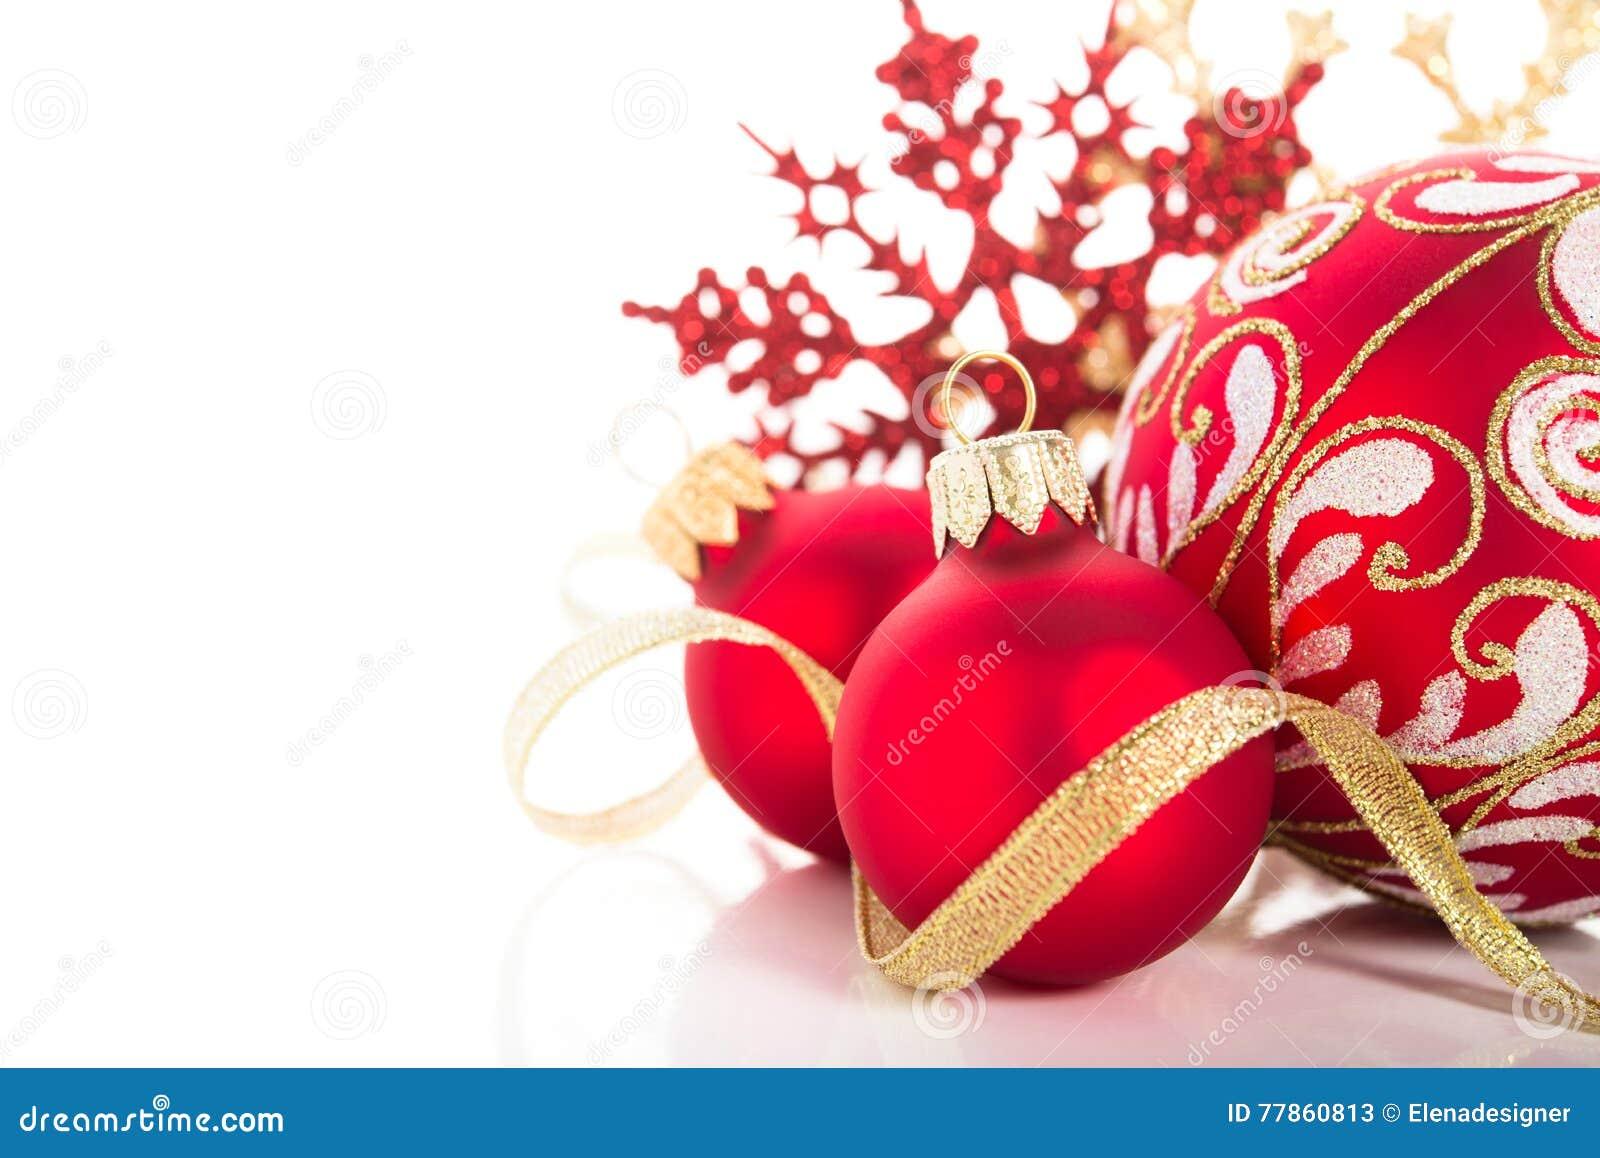 Ornamento Dourados E Vermelhos Do Natal No Fundo Branco Cartão Do